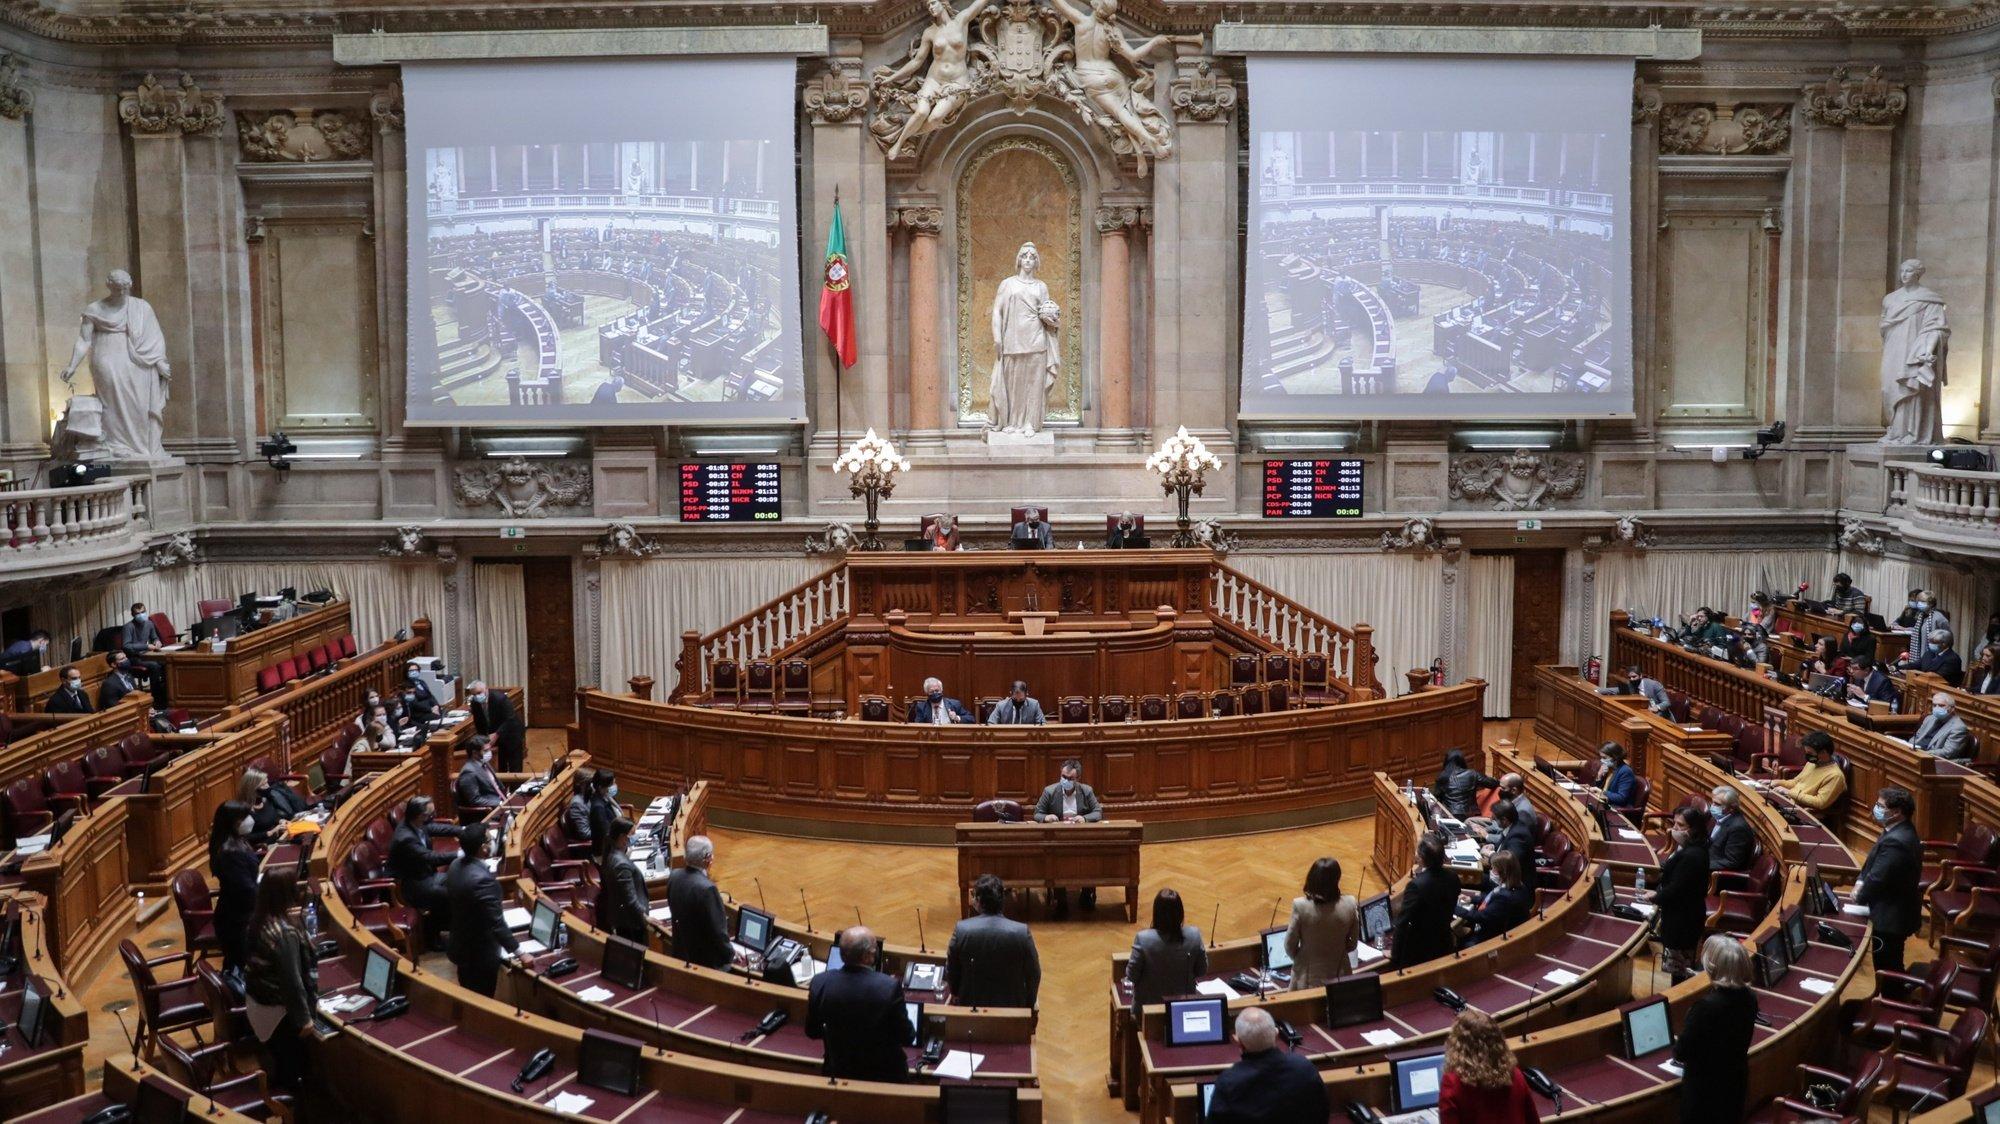 Deputados aprovam o pedido de renovação da aplicação da Declaração do Estado de Emergência, no período de 24 de novembro a 8 de dezembro de 2020, na Assembleia da República em Lisboa, 17 de dezembro de 2020. TIAGO PETINGA/LUSA